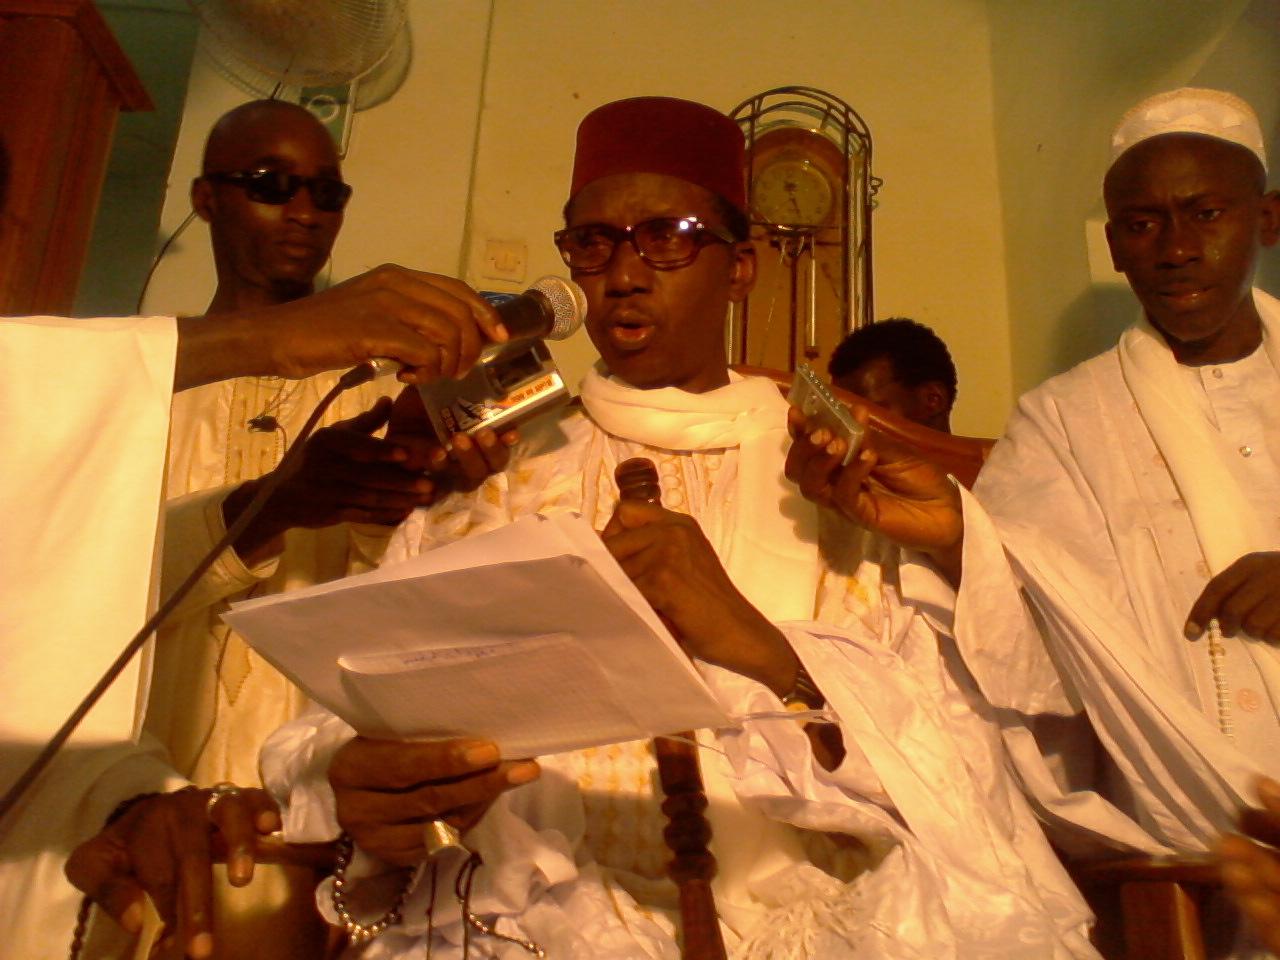 Le Frère du Khalife de la Famille Omarienne baptise son